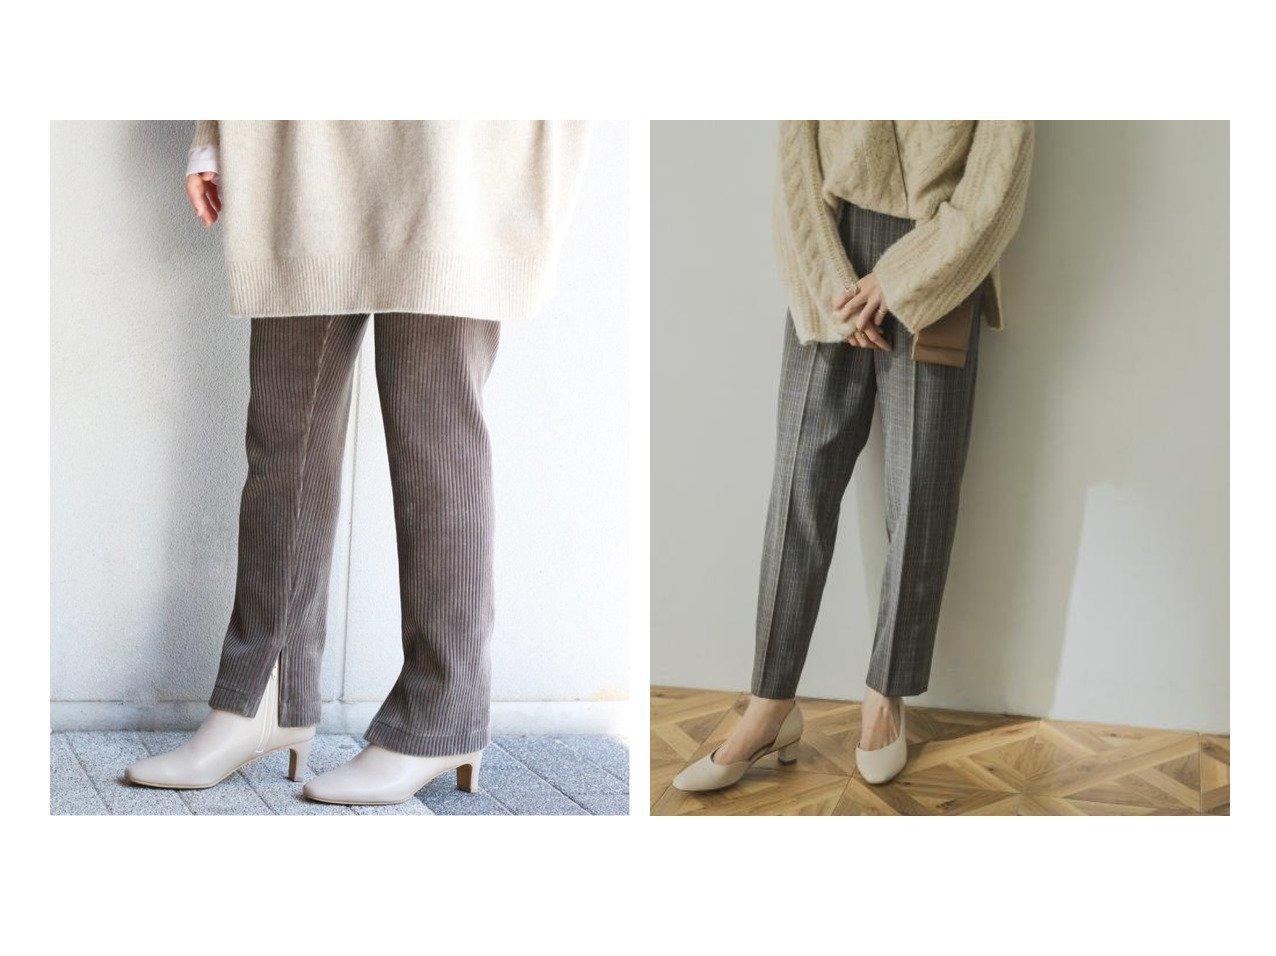 【URBAN RESEARCH/アーバンリサーチ】の裏起毛イージーチェックパンツ&【IENA/イエナ】の《追加2》コーデュロイジャージパンツ パンツのおすすめ!人気、レディースファッションの通販 おすすめファッション通販アイテム インテリア・キッズ・メンズ・レディースファッション・服の通販 founy(ファニー) ファッション Fashion レディース WOMEN パンツ Pants A/W 秋冬 Autumn & Winter コーデュロイ ジャージ ビッグ 人気 スタンダード ストレッチ チェック ポケット 防寒 グレー系 Gray ブラック系 Black |ID:crp329100000005278